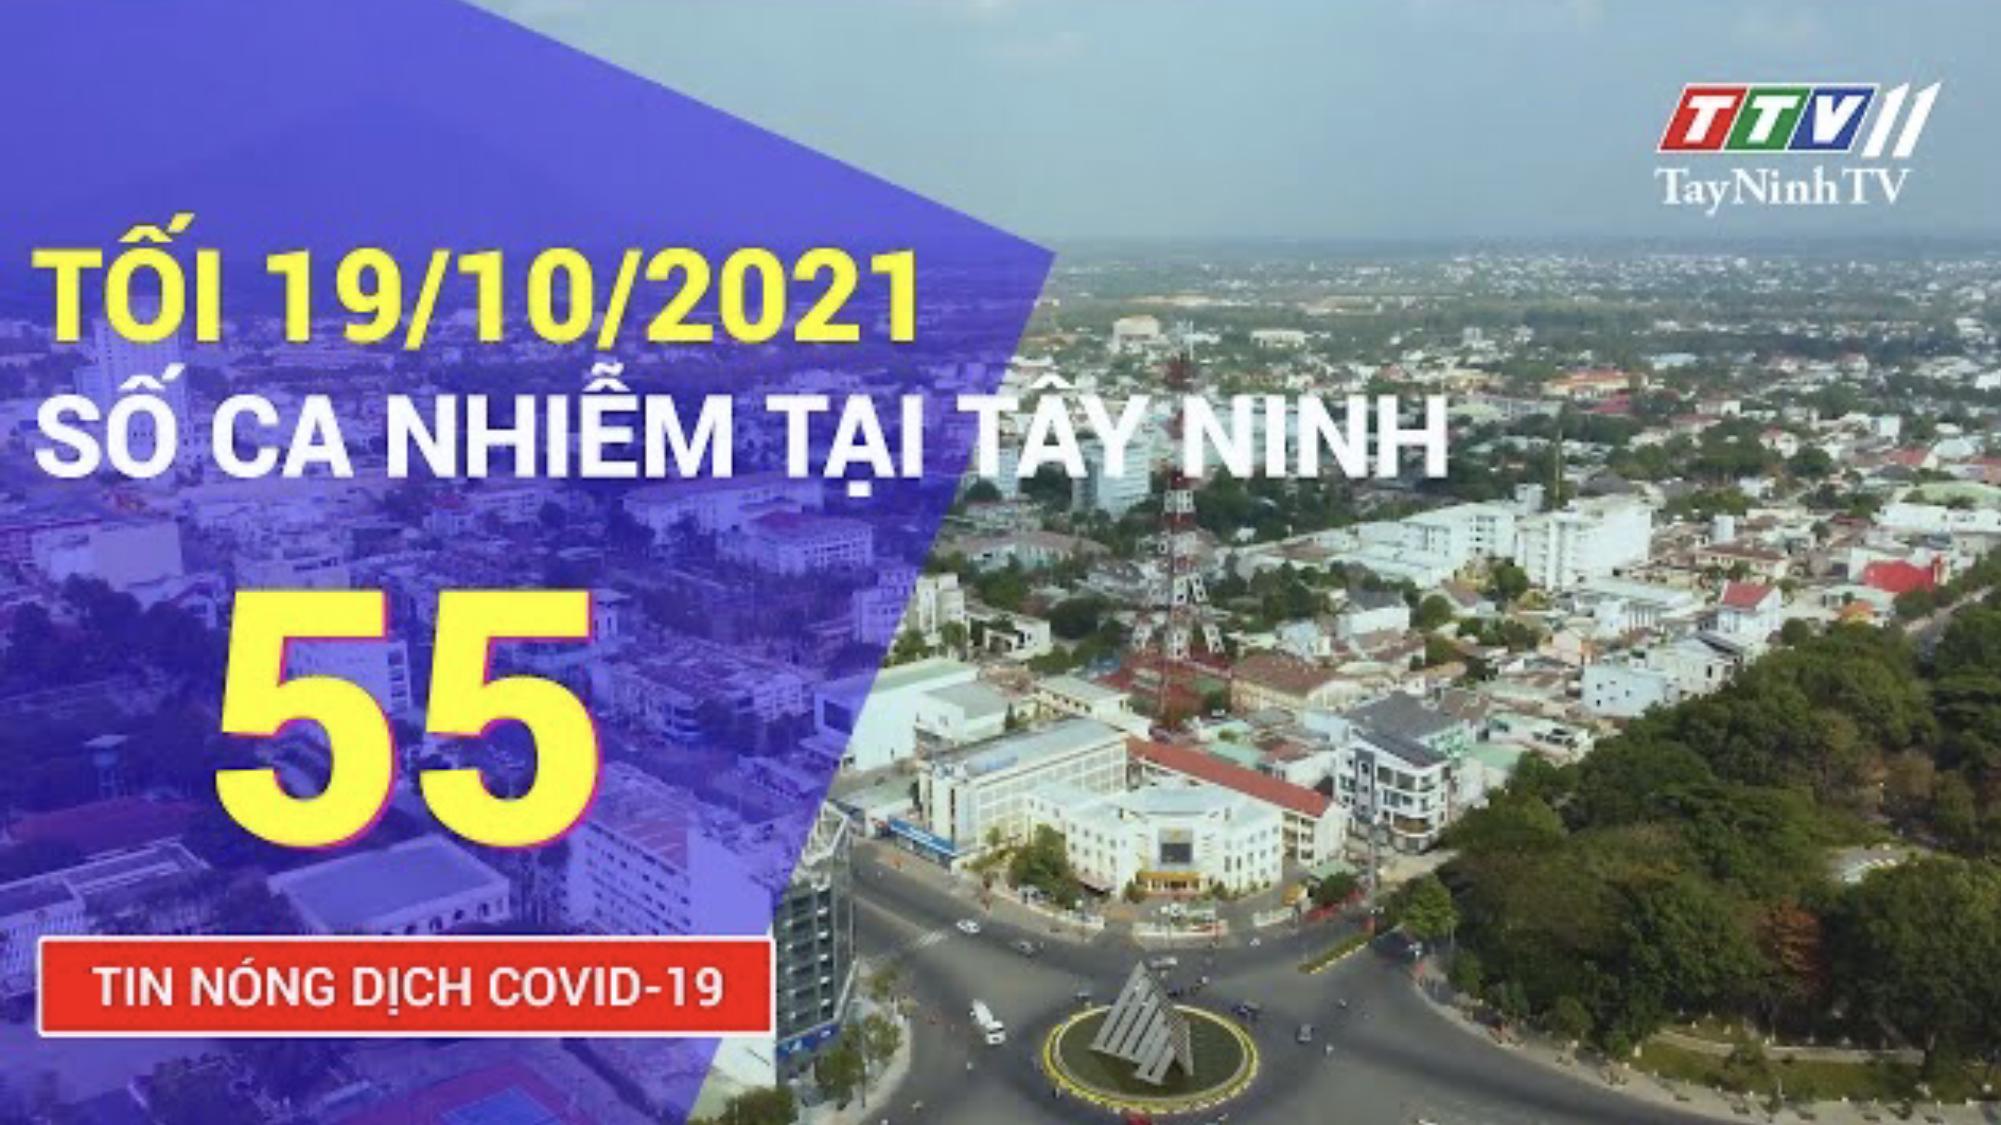 TIN TỨC COVID-19 TỐI 19/10/2021 | Tin tức hôm nay | TayNinhTV